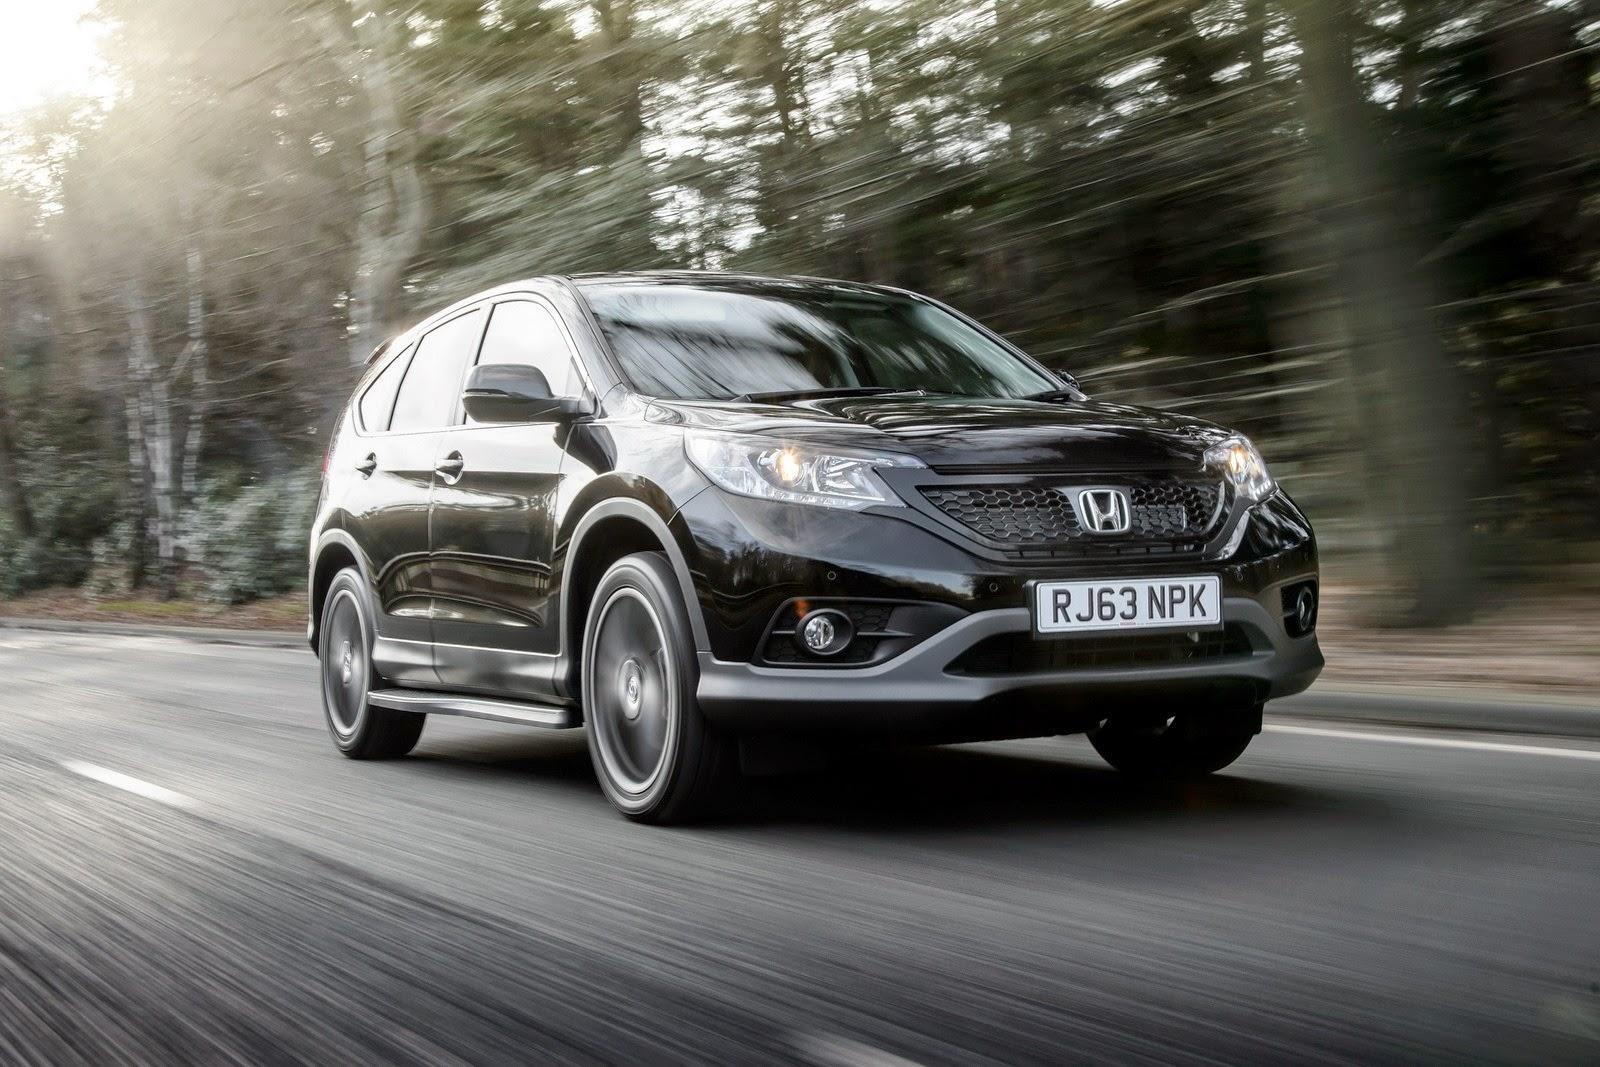 Kekurangan Harga Honda Crv 2015 Tangguh